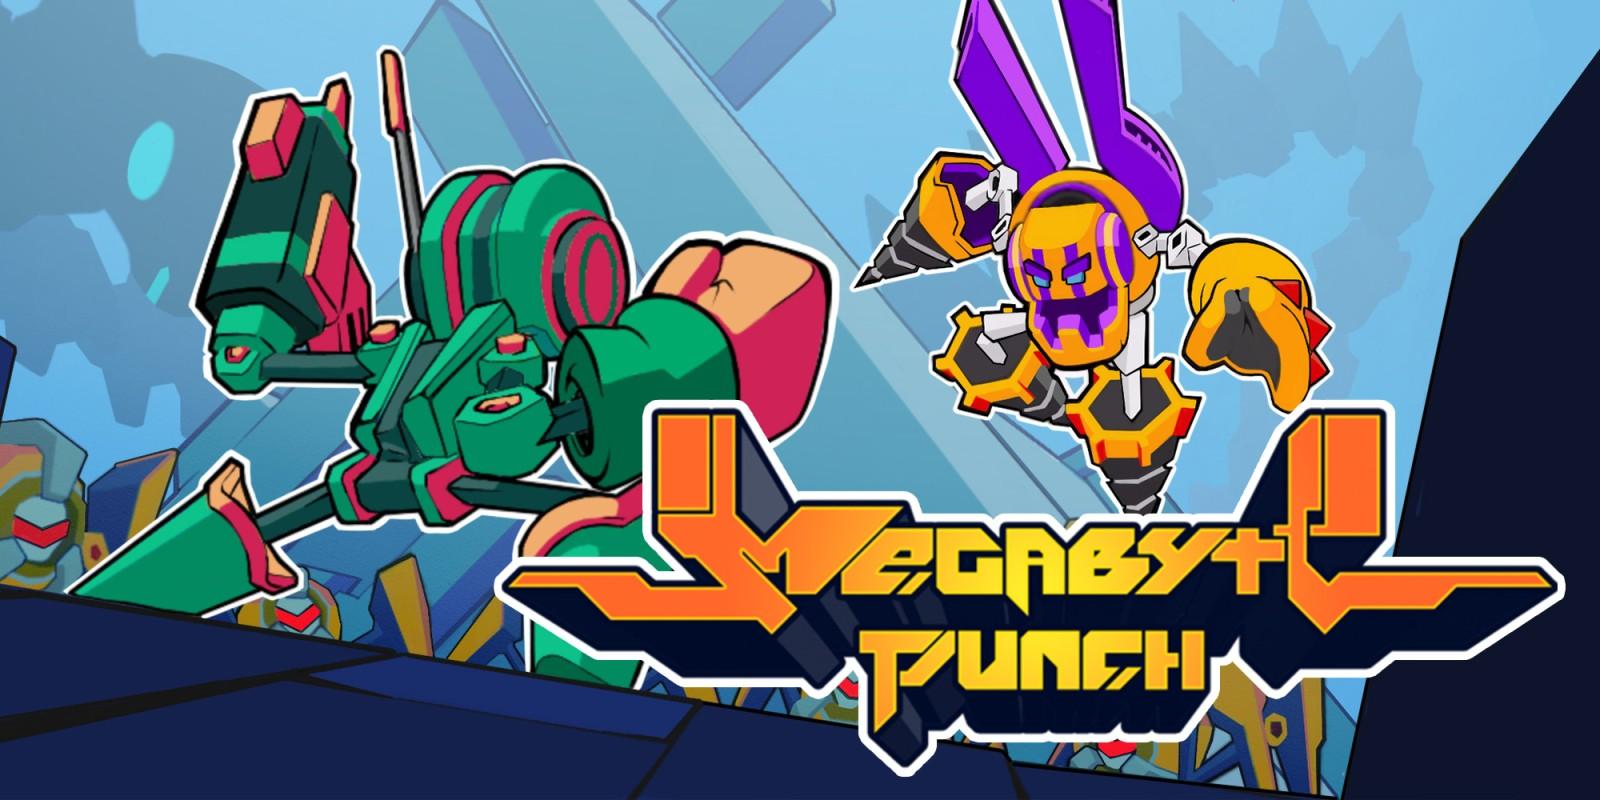 Megabyte Punch icon